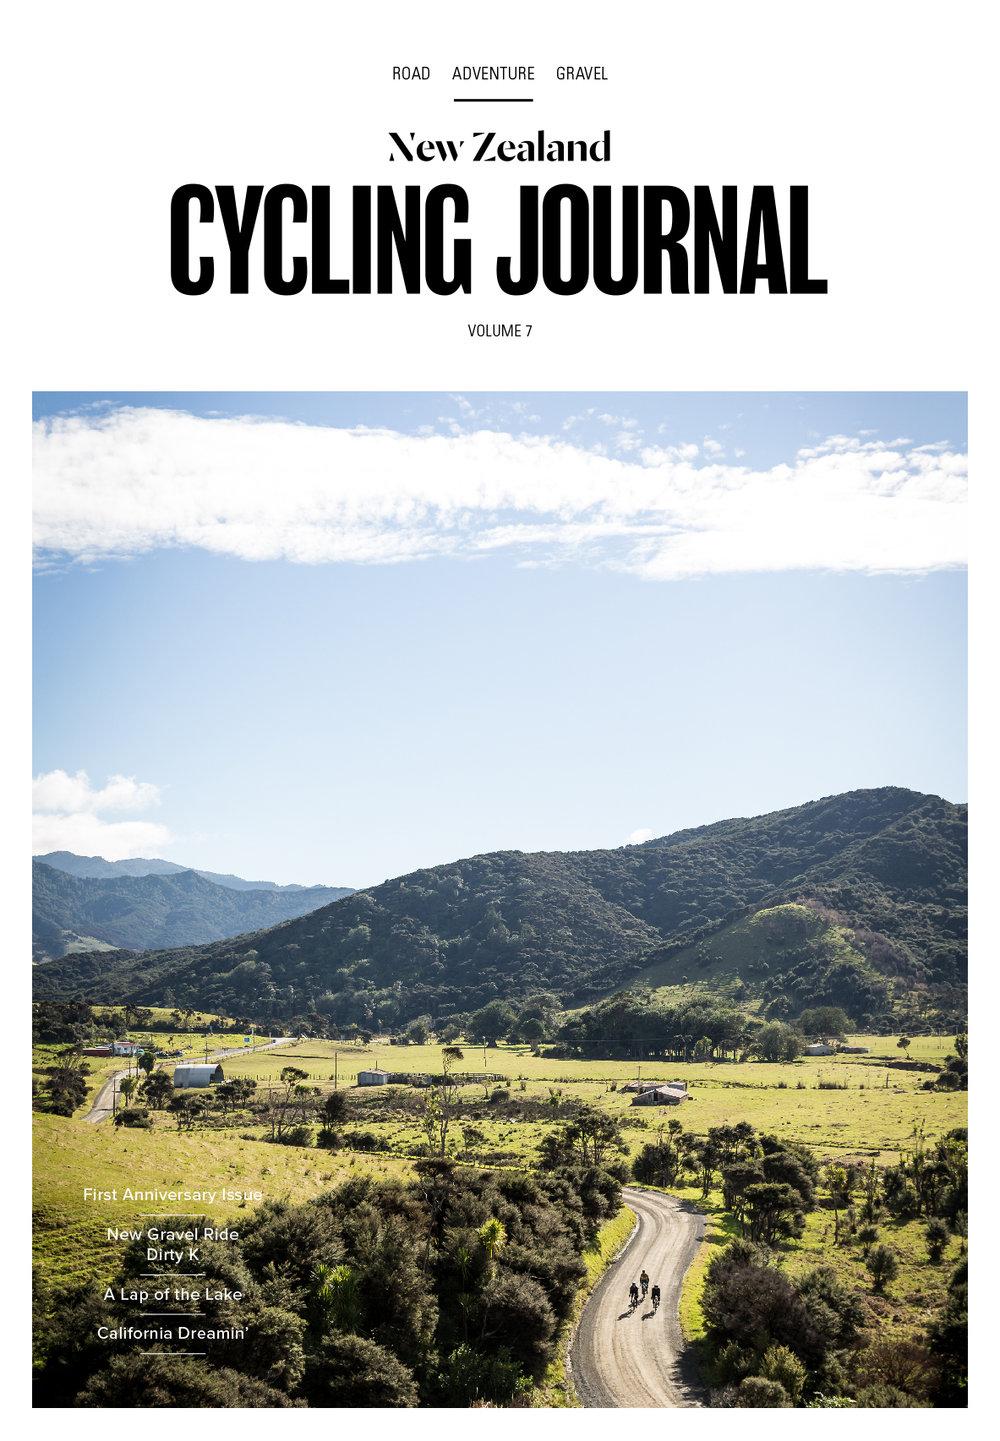 NZ Cycling Journal - Vol.7 Cover.jpg